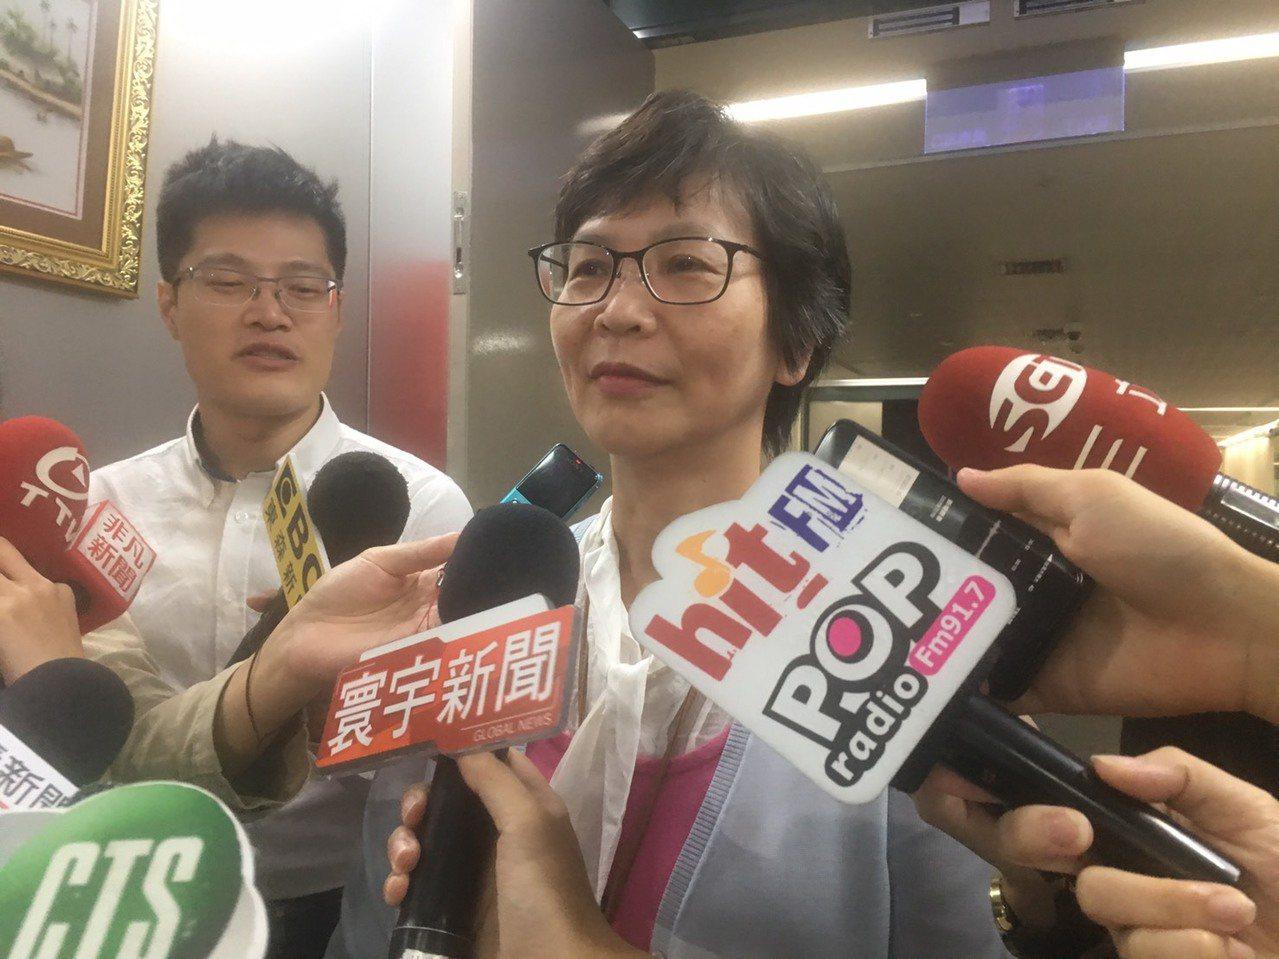 台北市市府顧問蔡壁如昨和各媒體高層餐敘,引發外界議論。記者魏莨伊/台北報導